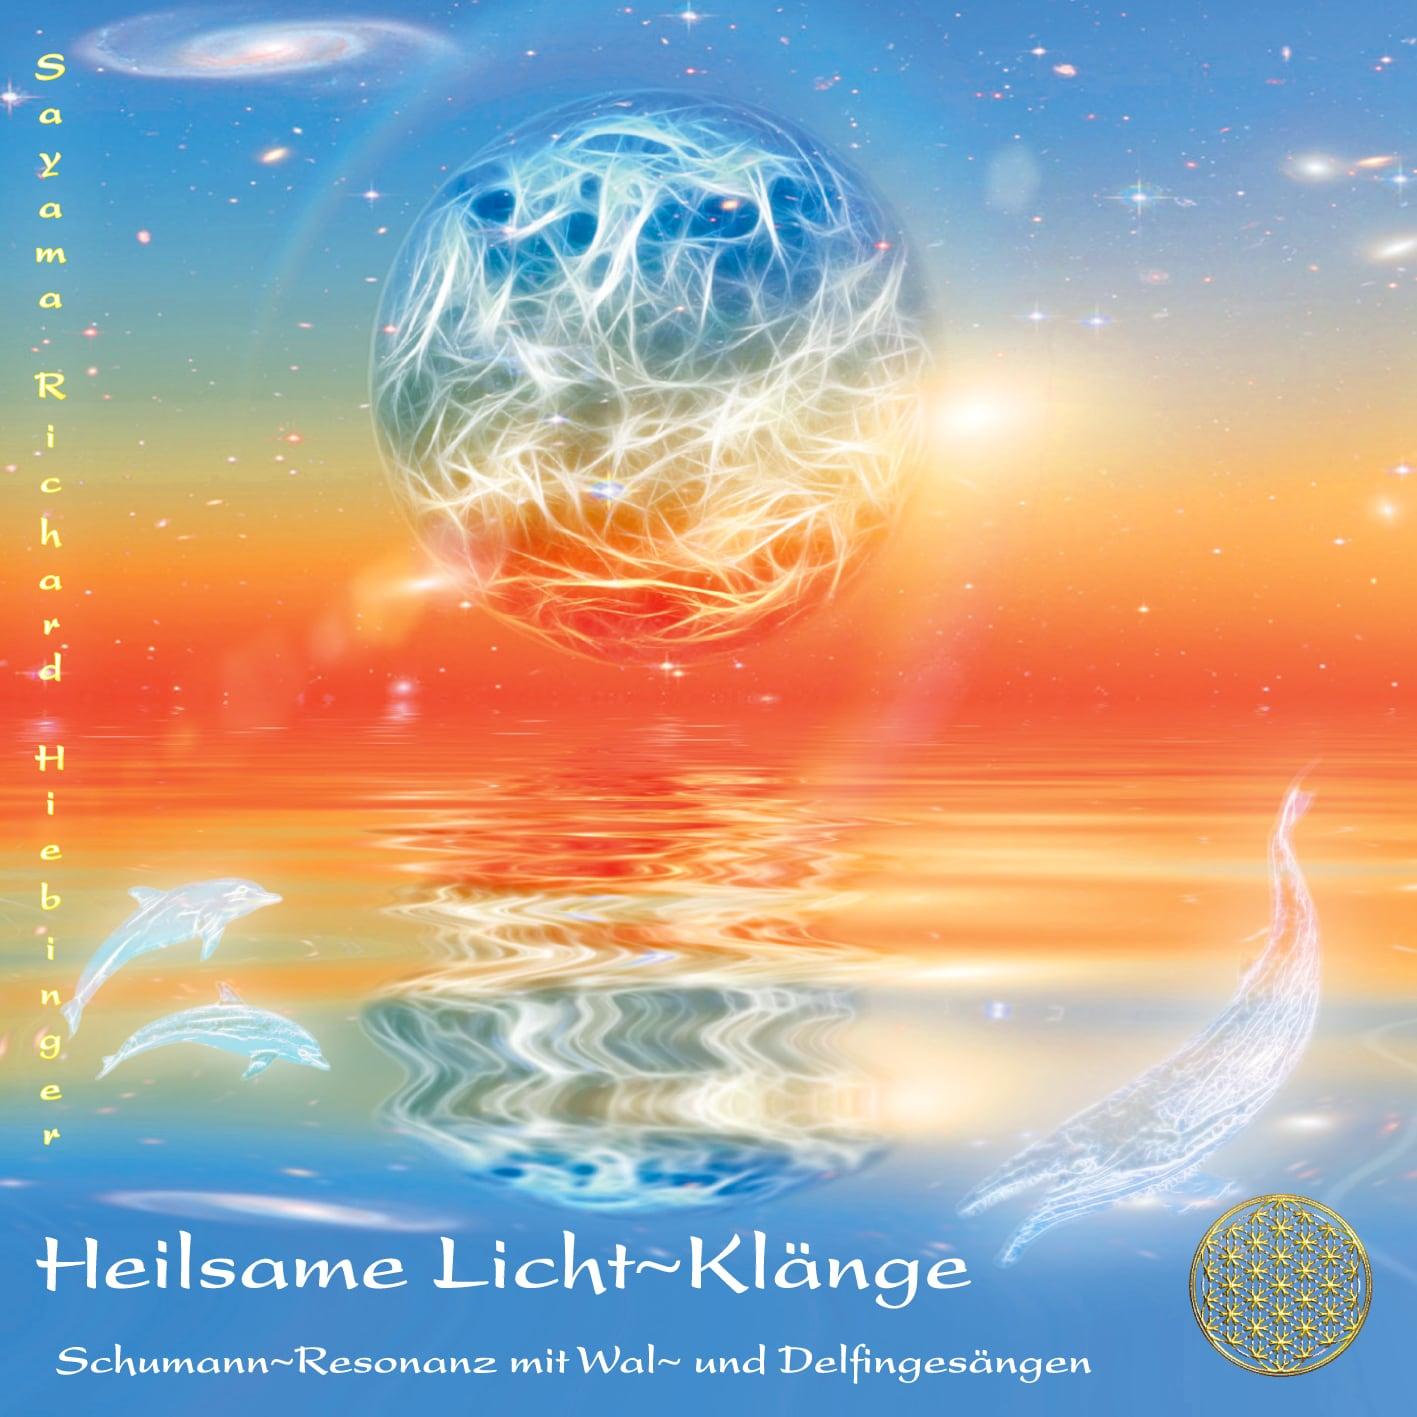 CD Titelbild Heilsame Licht~Klänge von Sayama Music Richard Hiebinger. https://www.sayama-music.de/cds/heilsame-licht-kl%C3%A4nge/